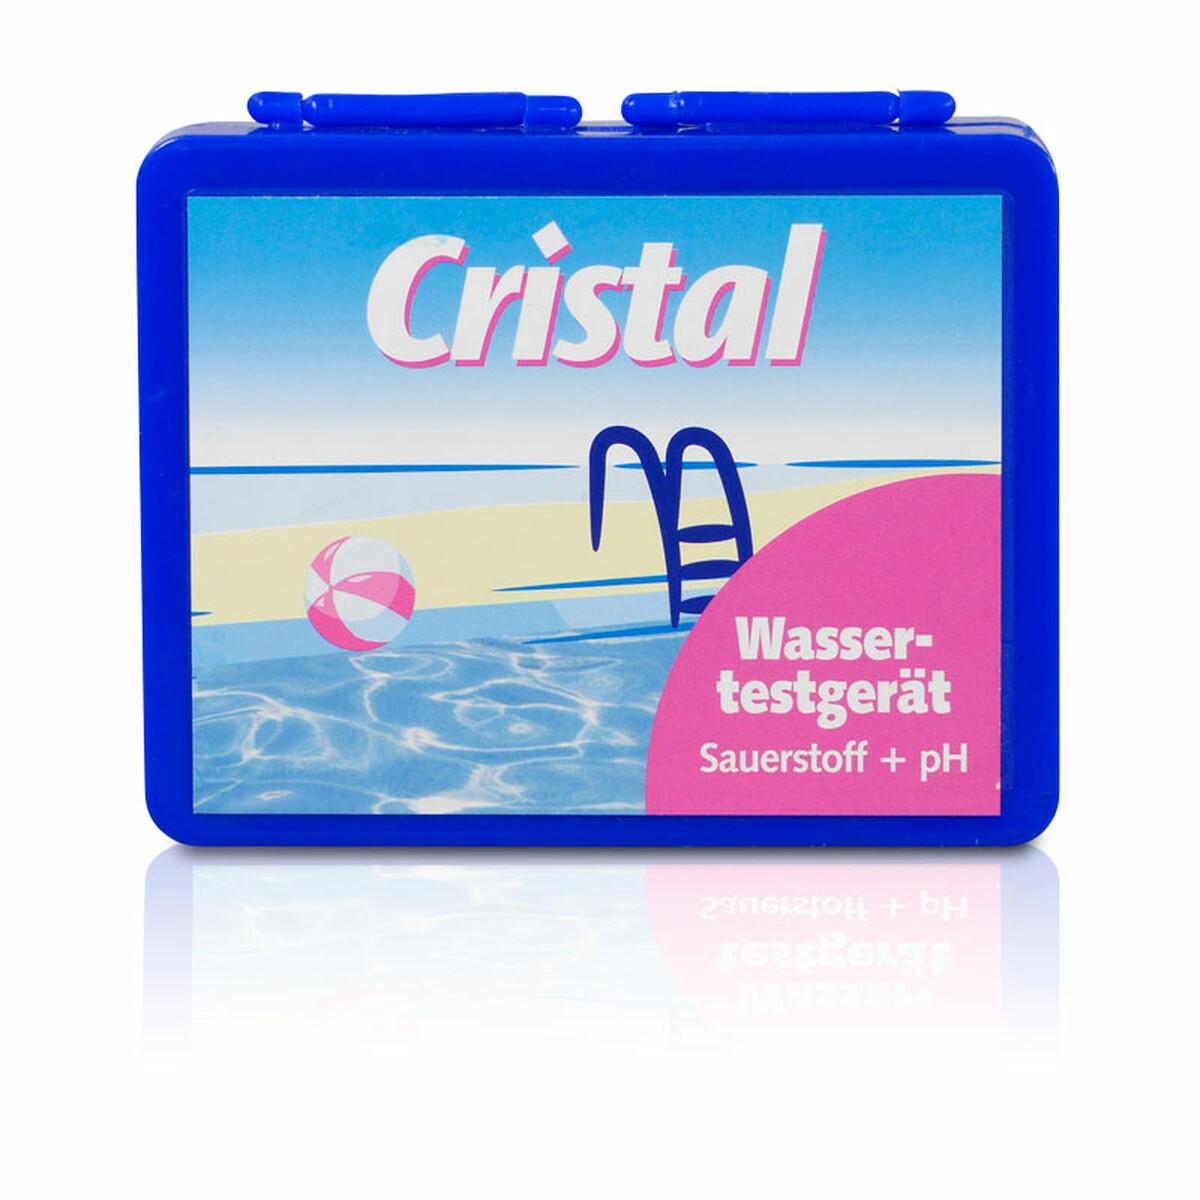 Cristal Wassertestgerät für Sauerstoff und pH